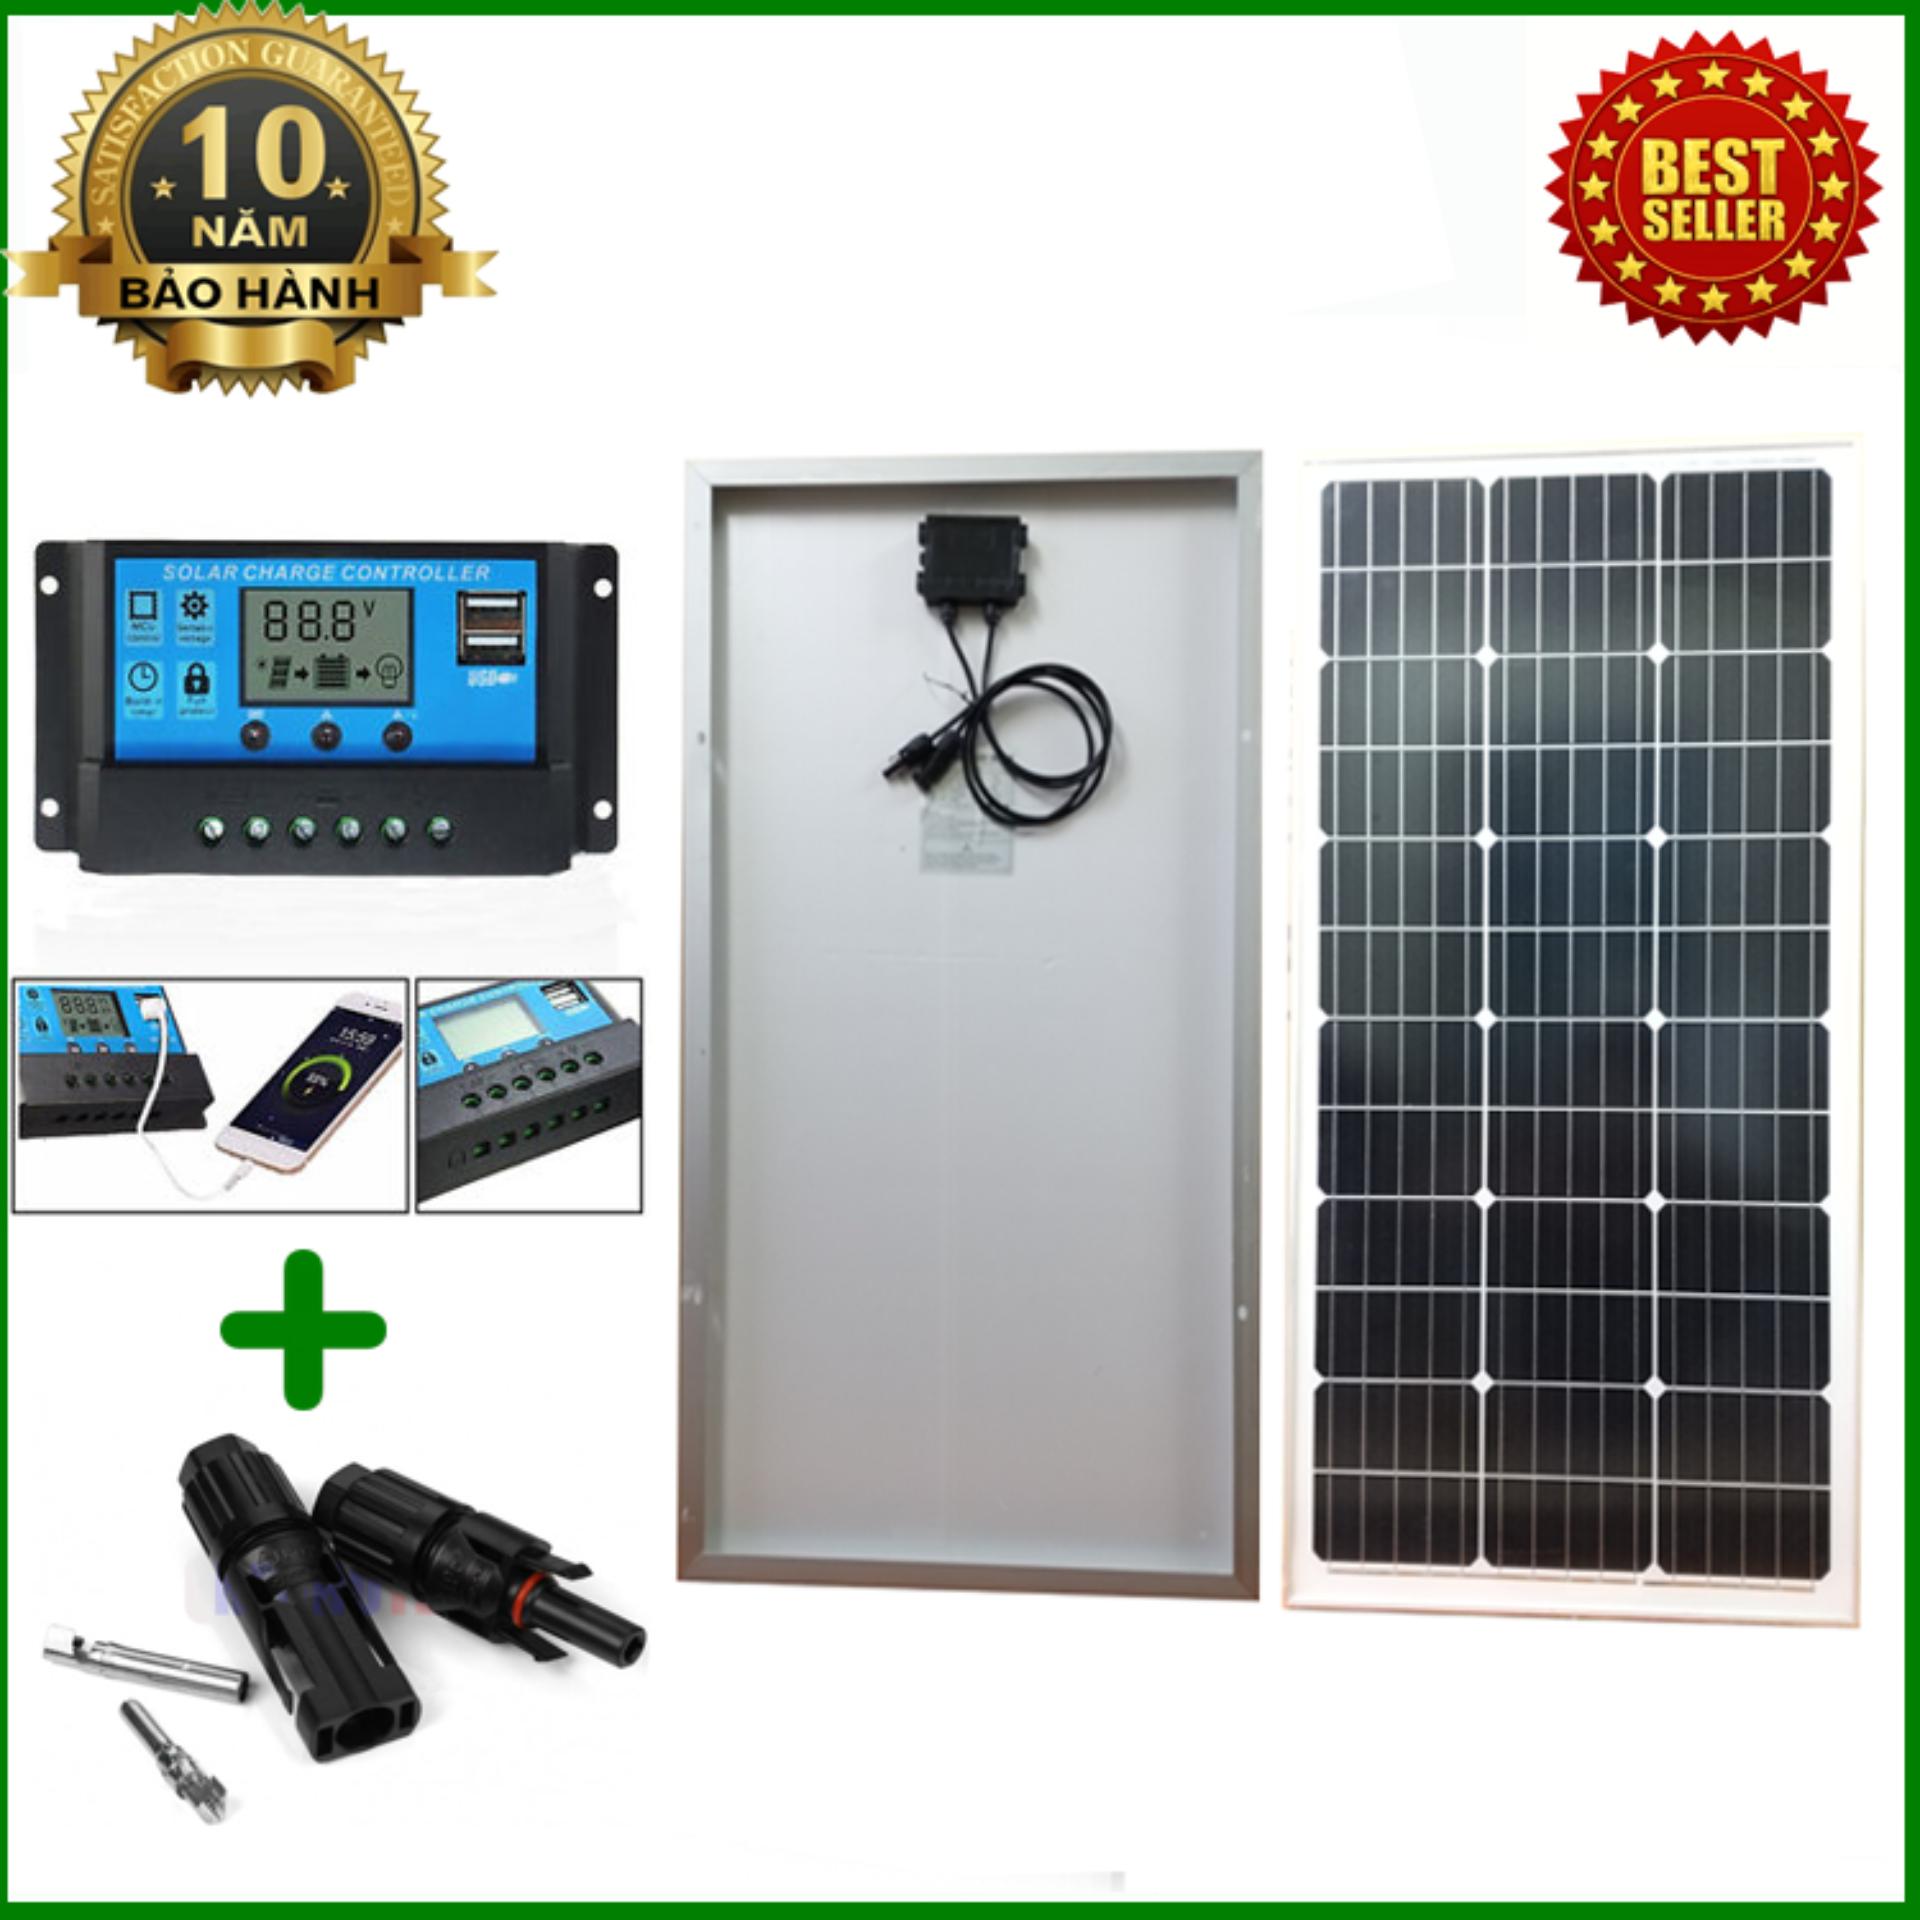 Tấm Pin năng lượng mặt trời đơn tinh thể Mono 70W tặng điều khiển sạc 30A 12V/24V LCD (công suất 360w) + jack MC4